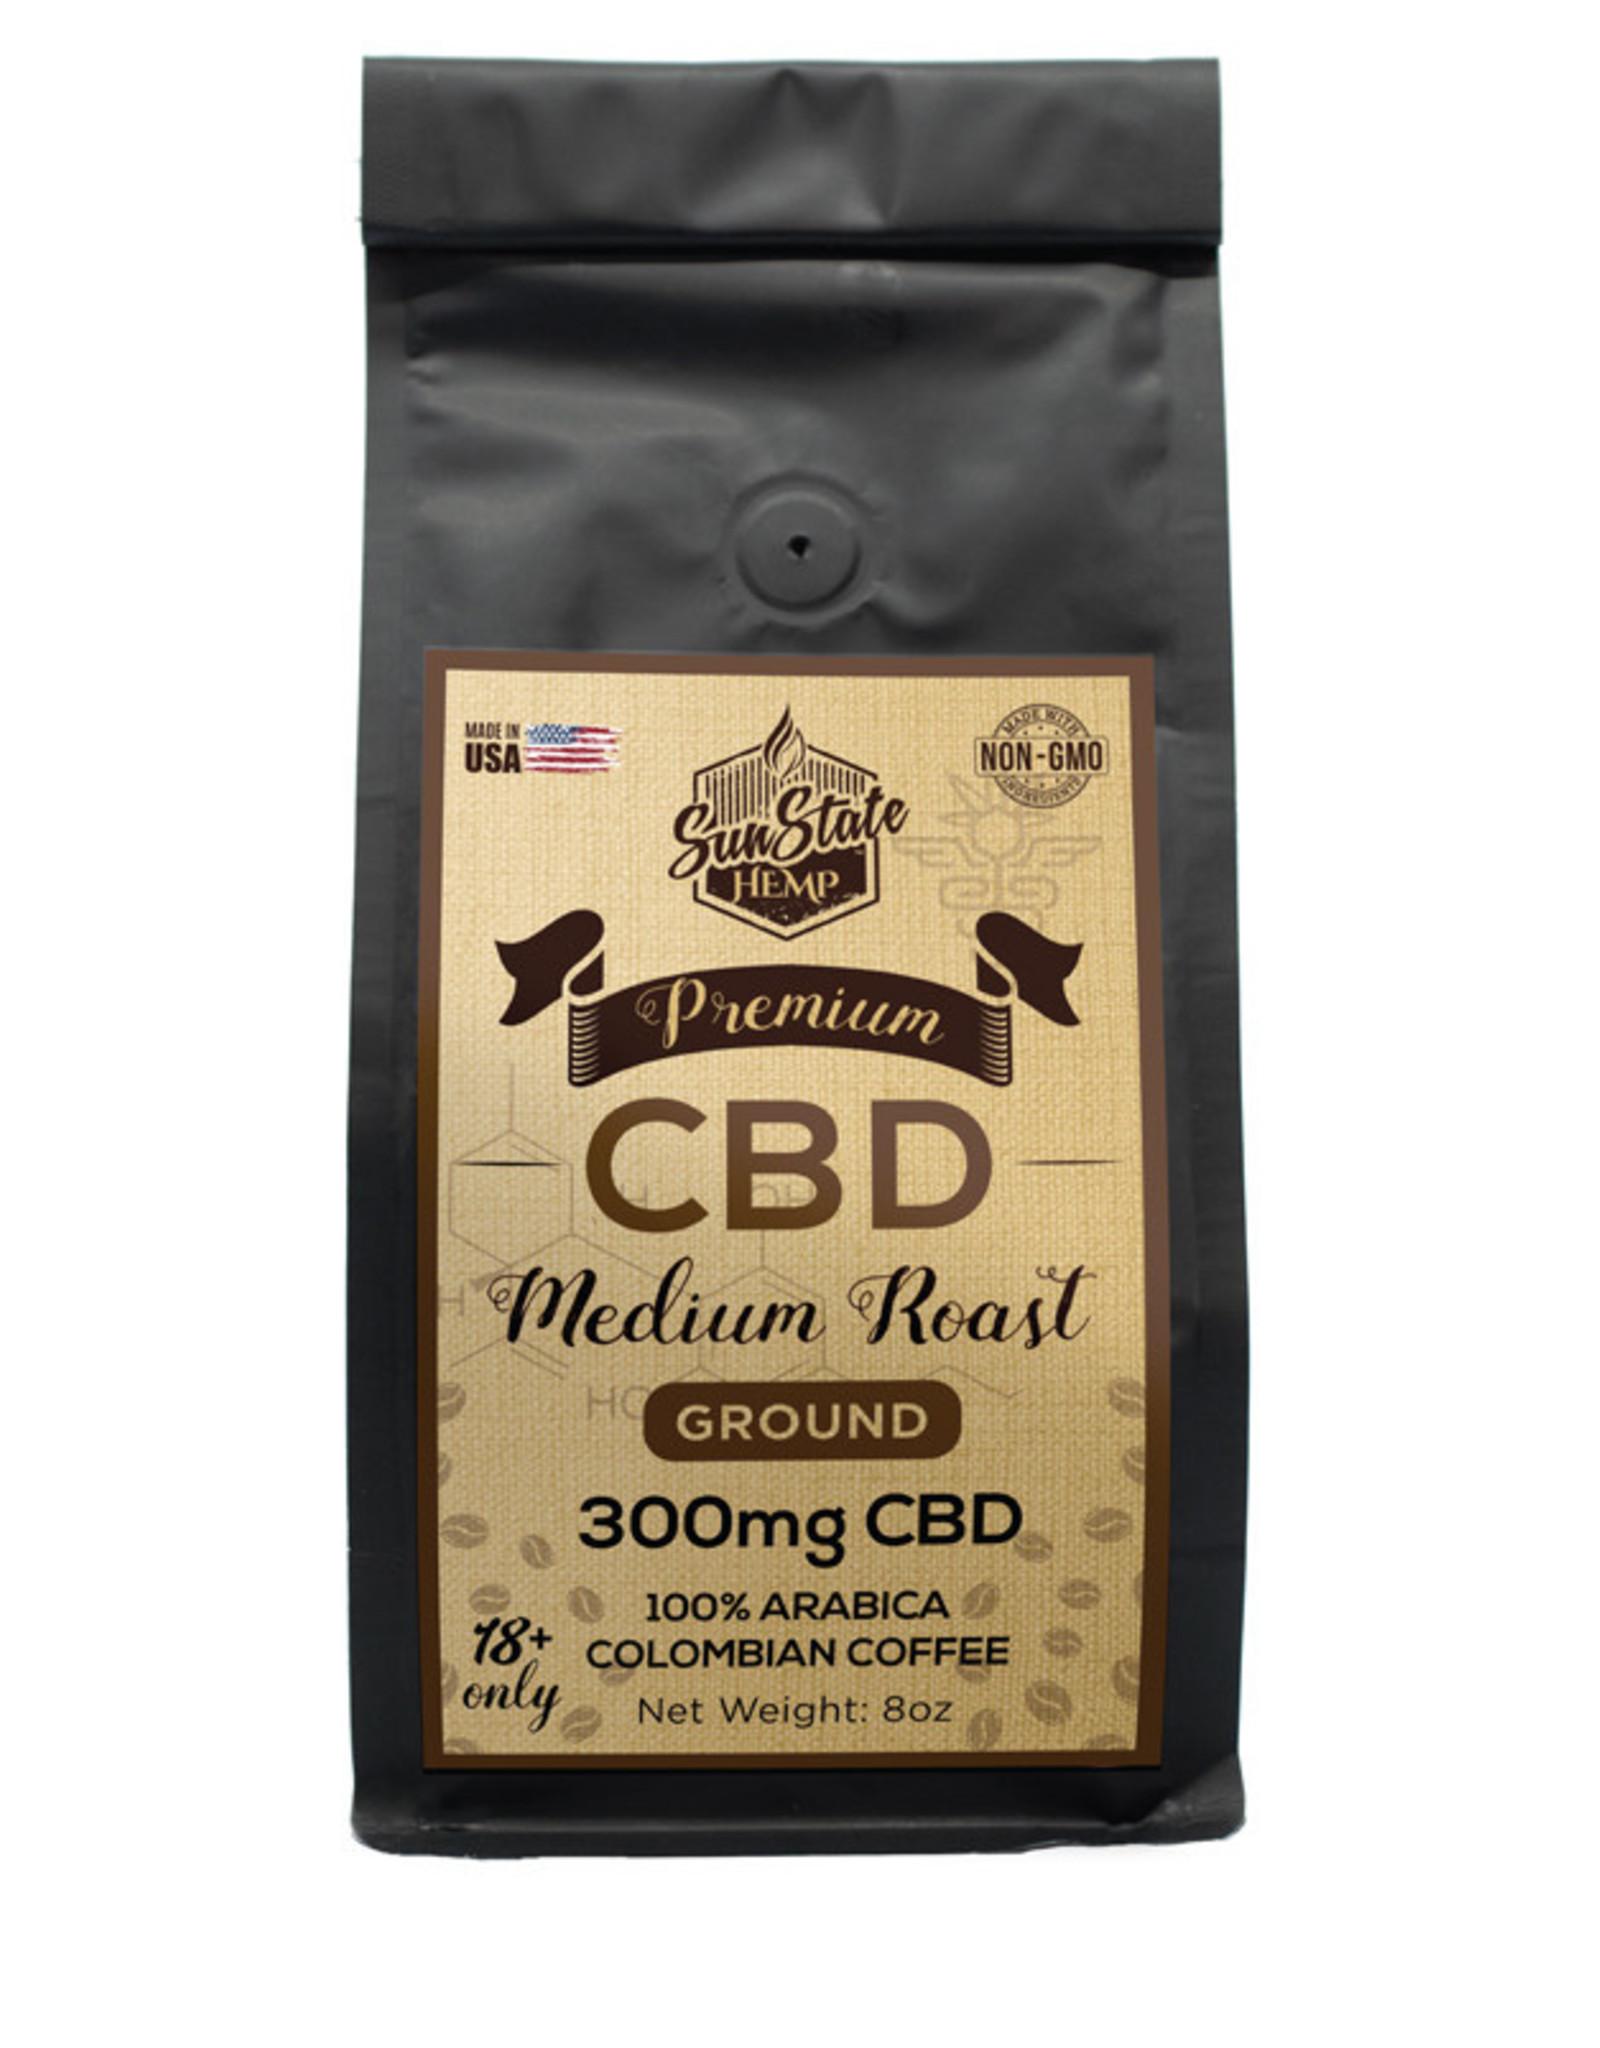 SunState 8oz Medium Roast Coffee 300mg